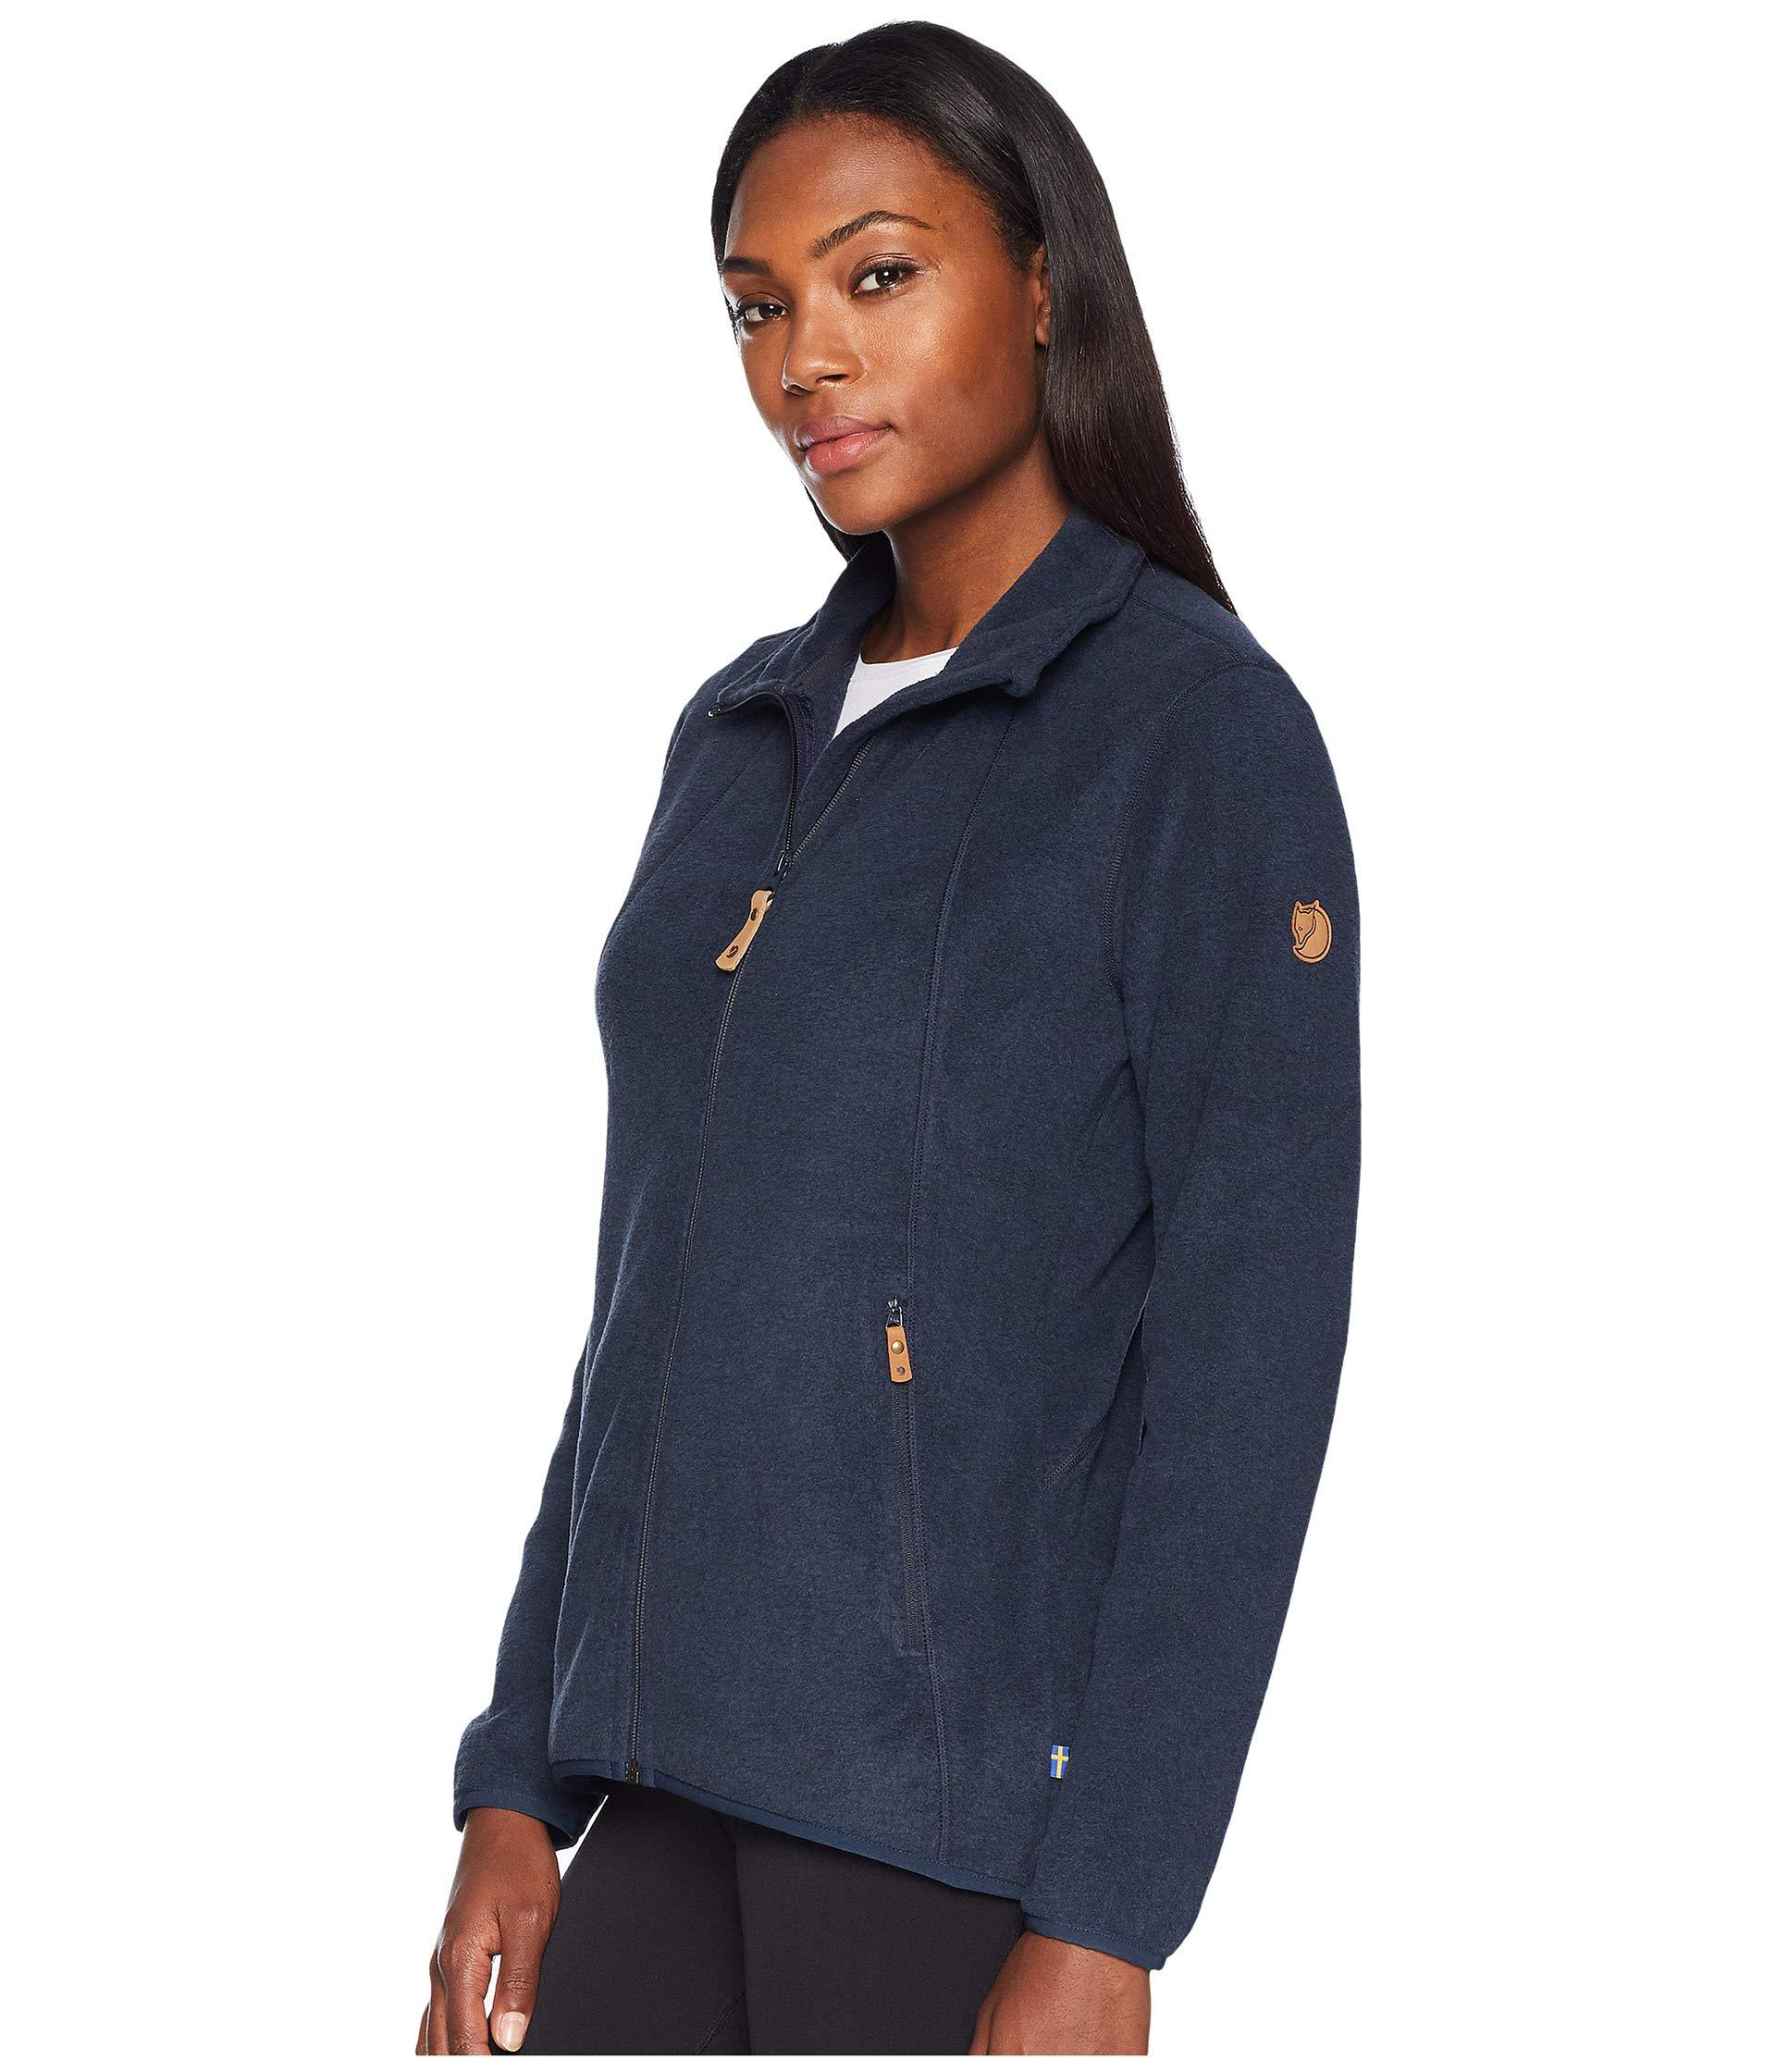 Women's Fjällräven Navy Coats & Outerwear + FREE SHIPPING